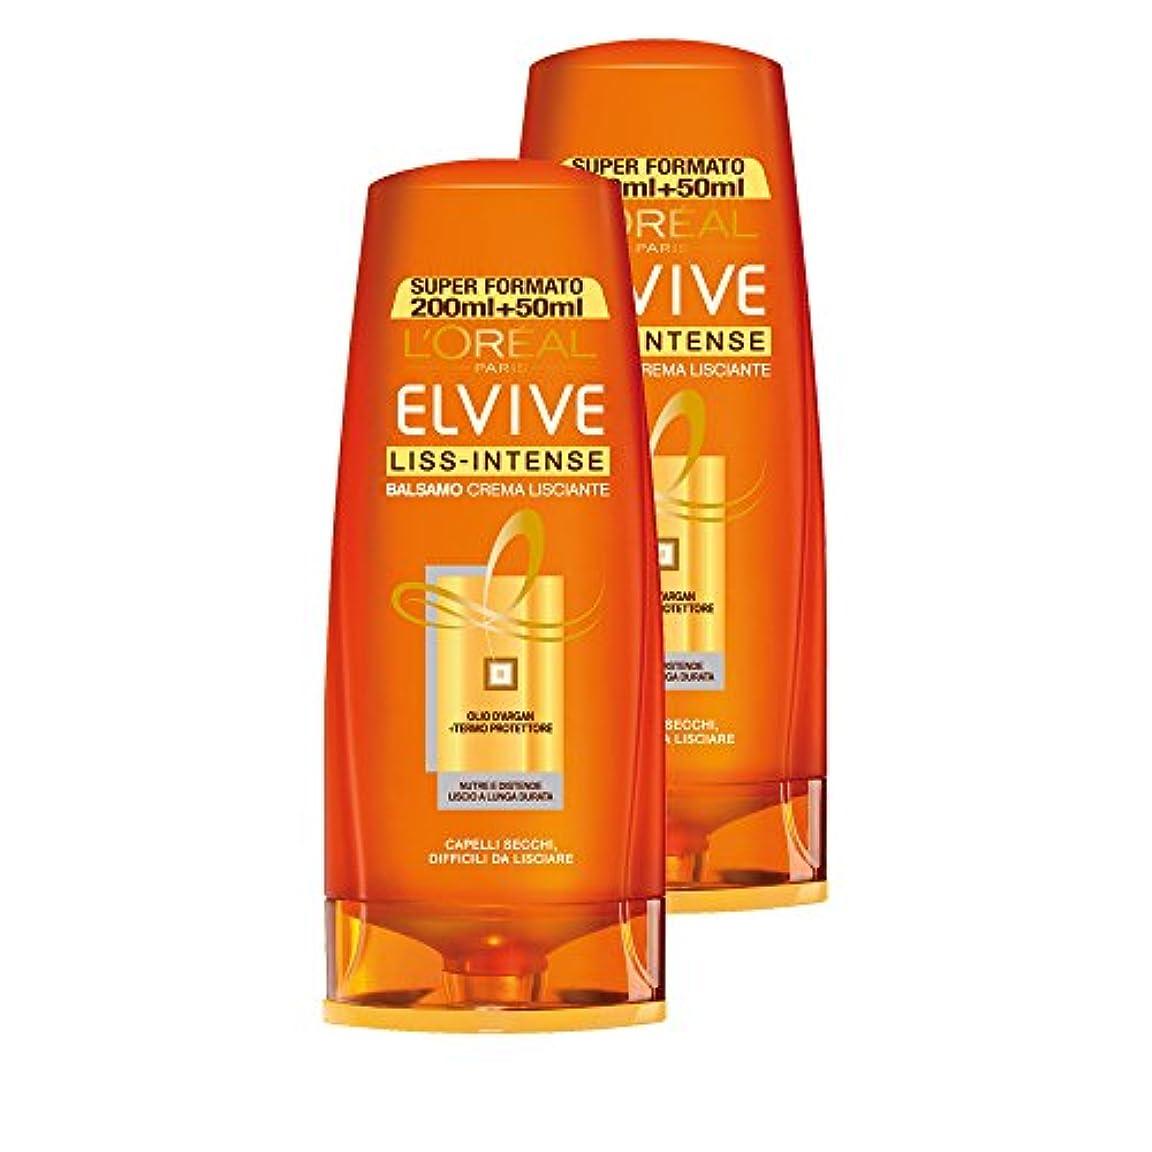 ケープ労苦いくつかのL 'OréalParis Elvive LISS-INTENSEバームクリームヘアサロン乾燥、なめらかにするのが難しい、3パック2 x 250 ml、合計:1500 ml